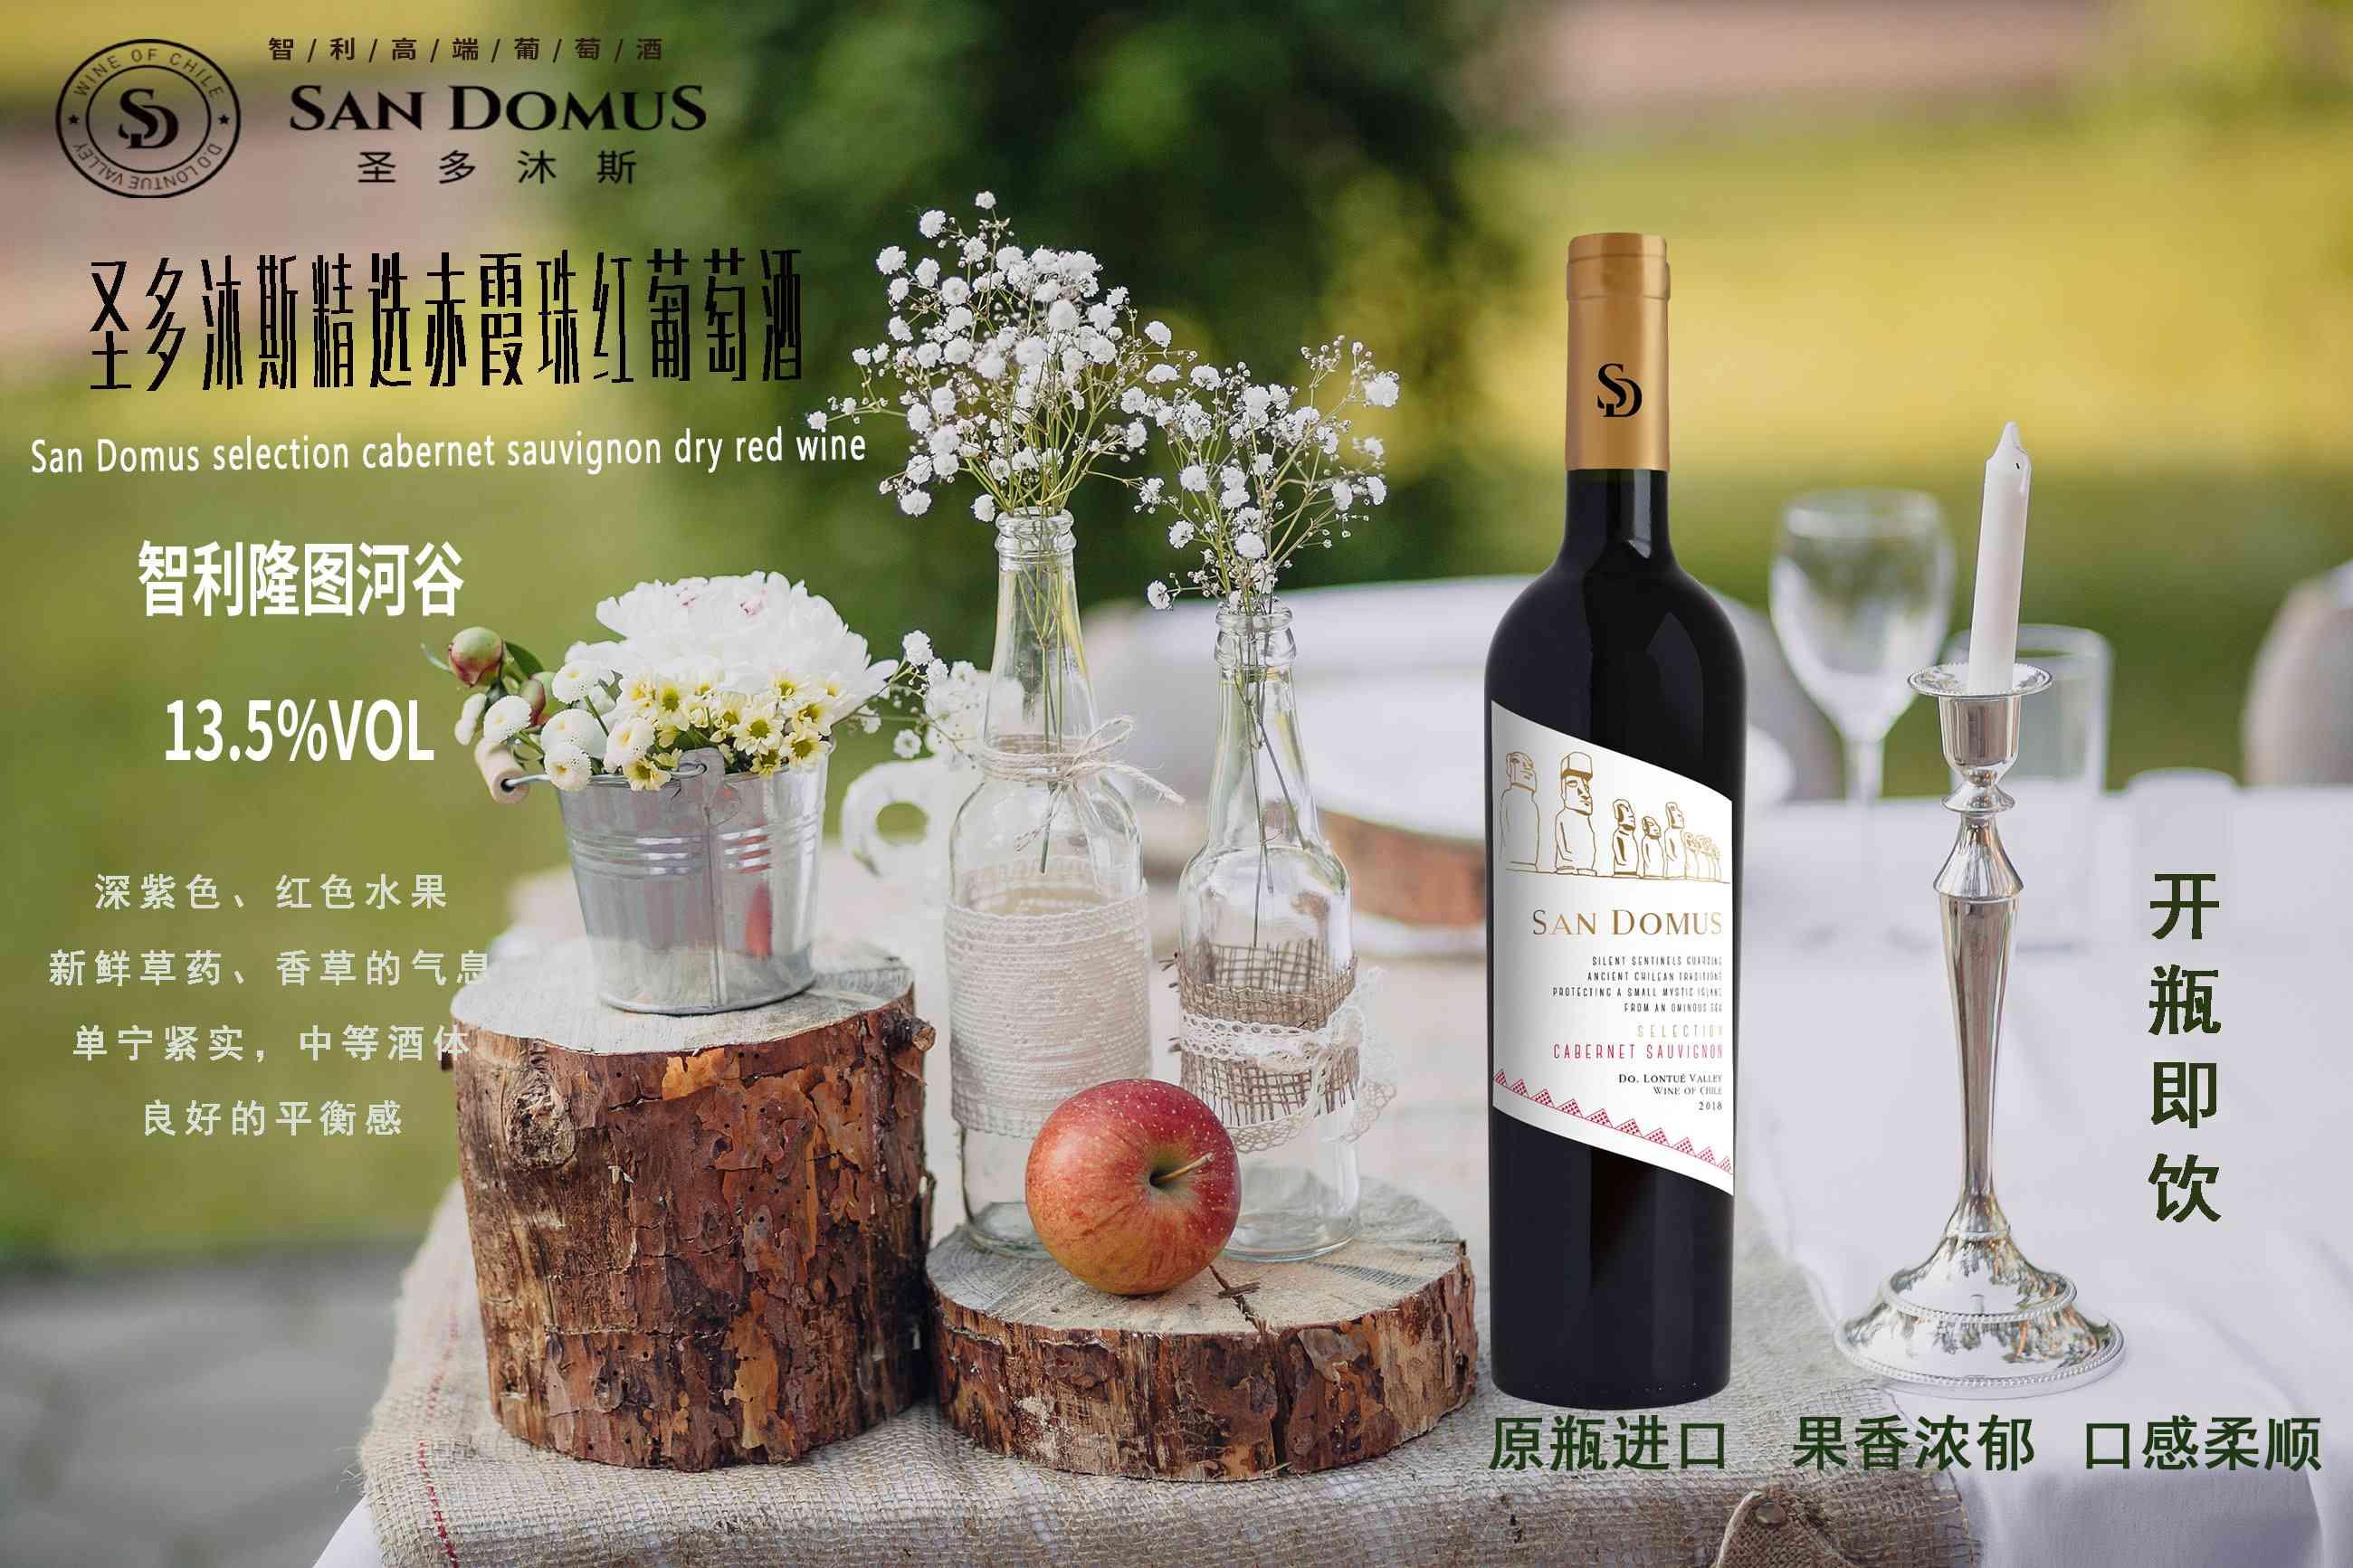 智利金纳斯家族酒庄隆图河谷圣多沐斯精选赤霞珠红葡萄酒